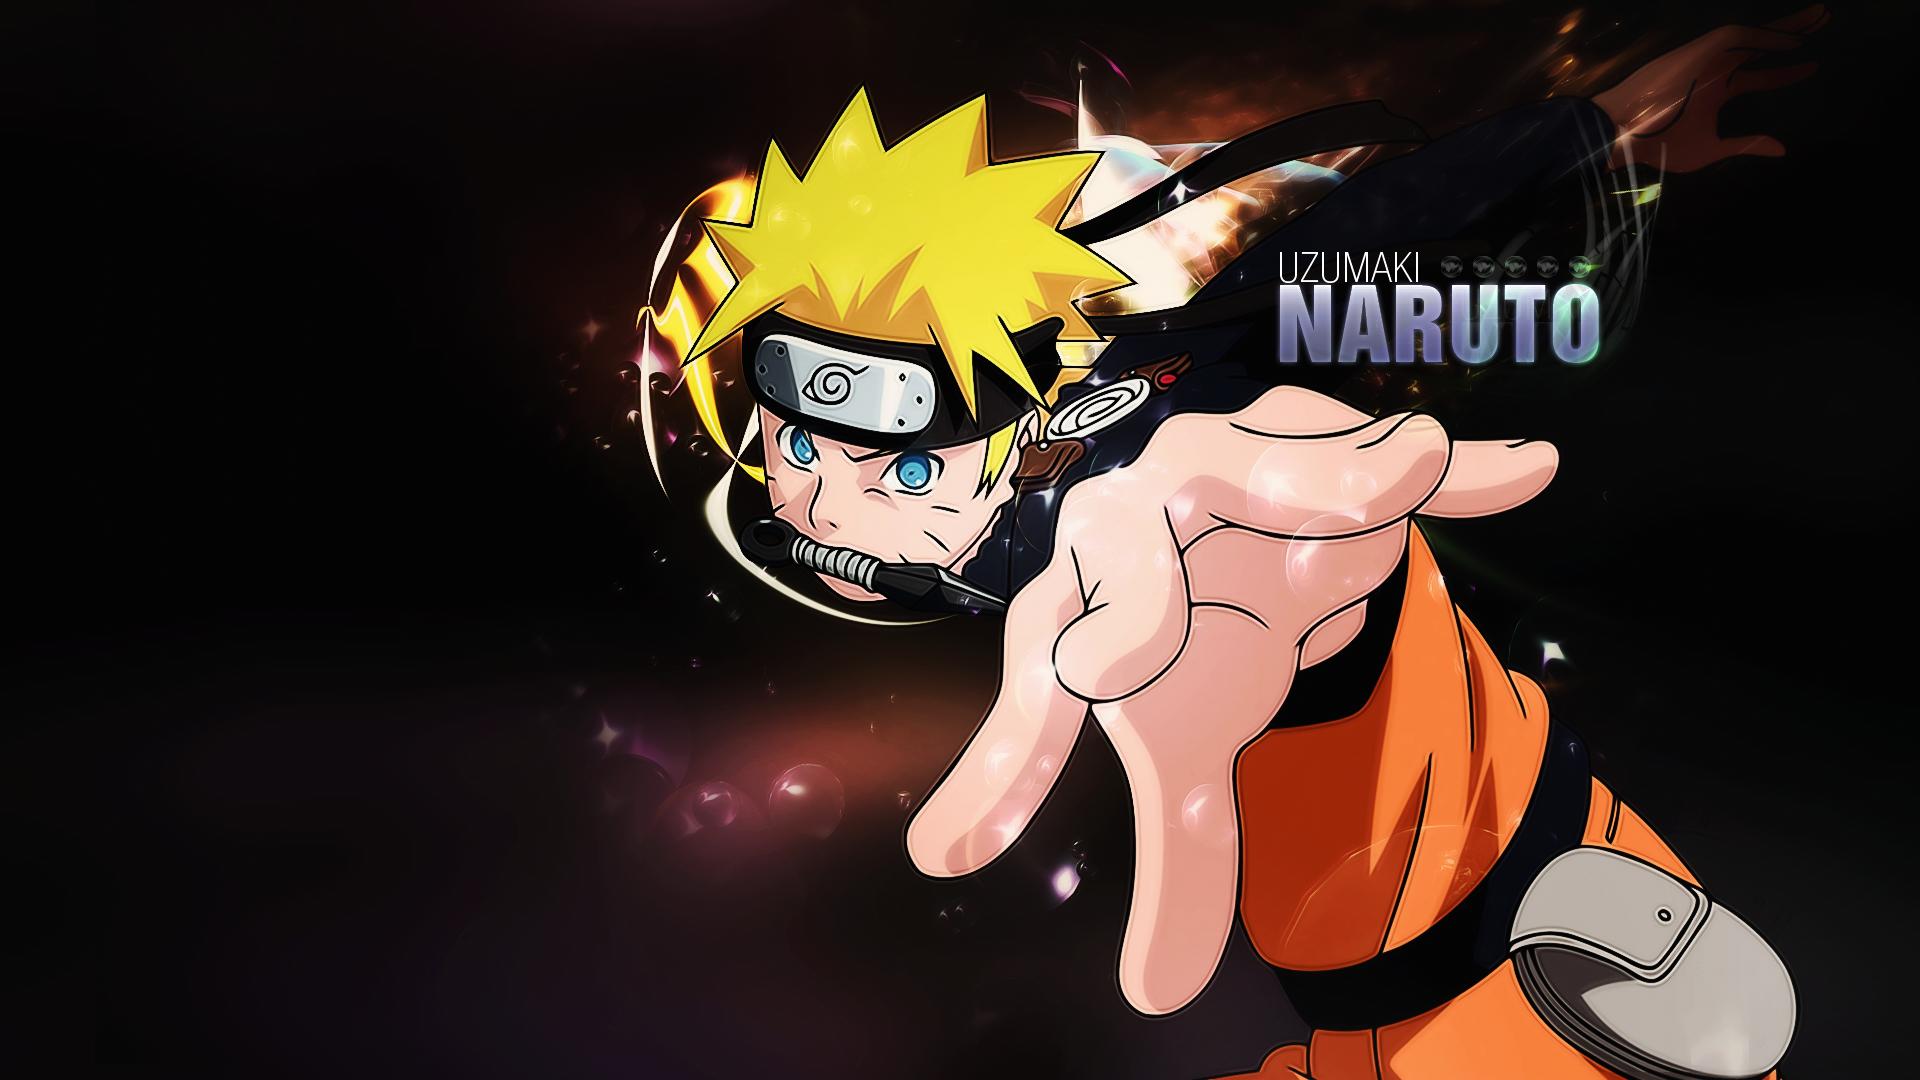 Las Mejores Imagenes De Naruto Shippuden